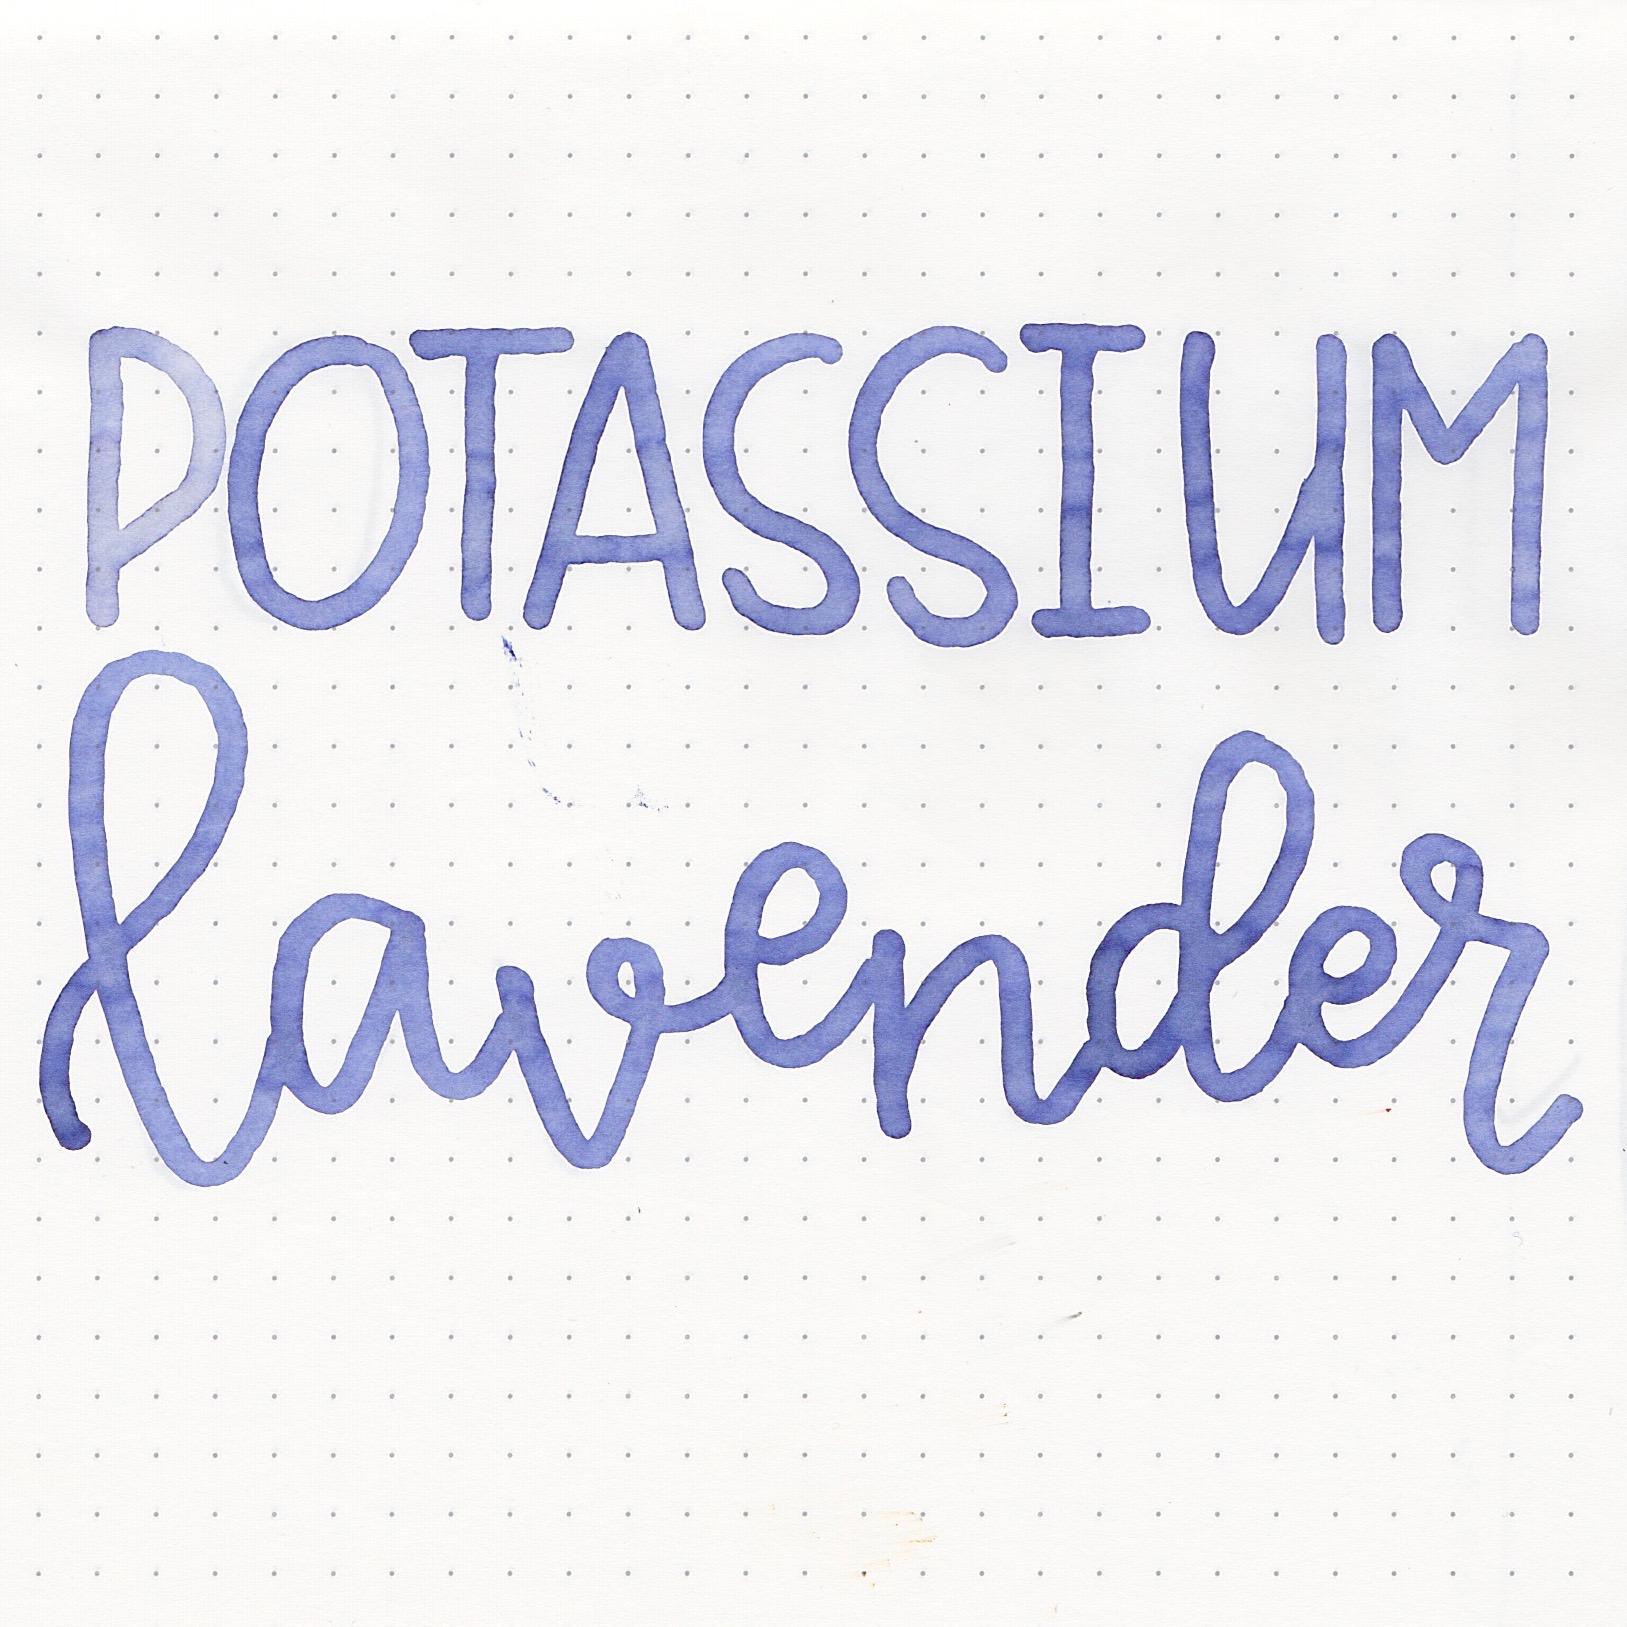 OSPotassiumLavender - 6.jpg